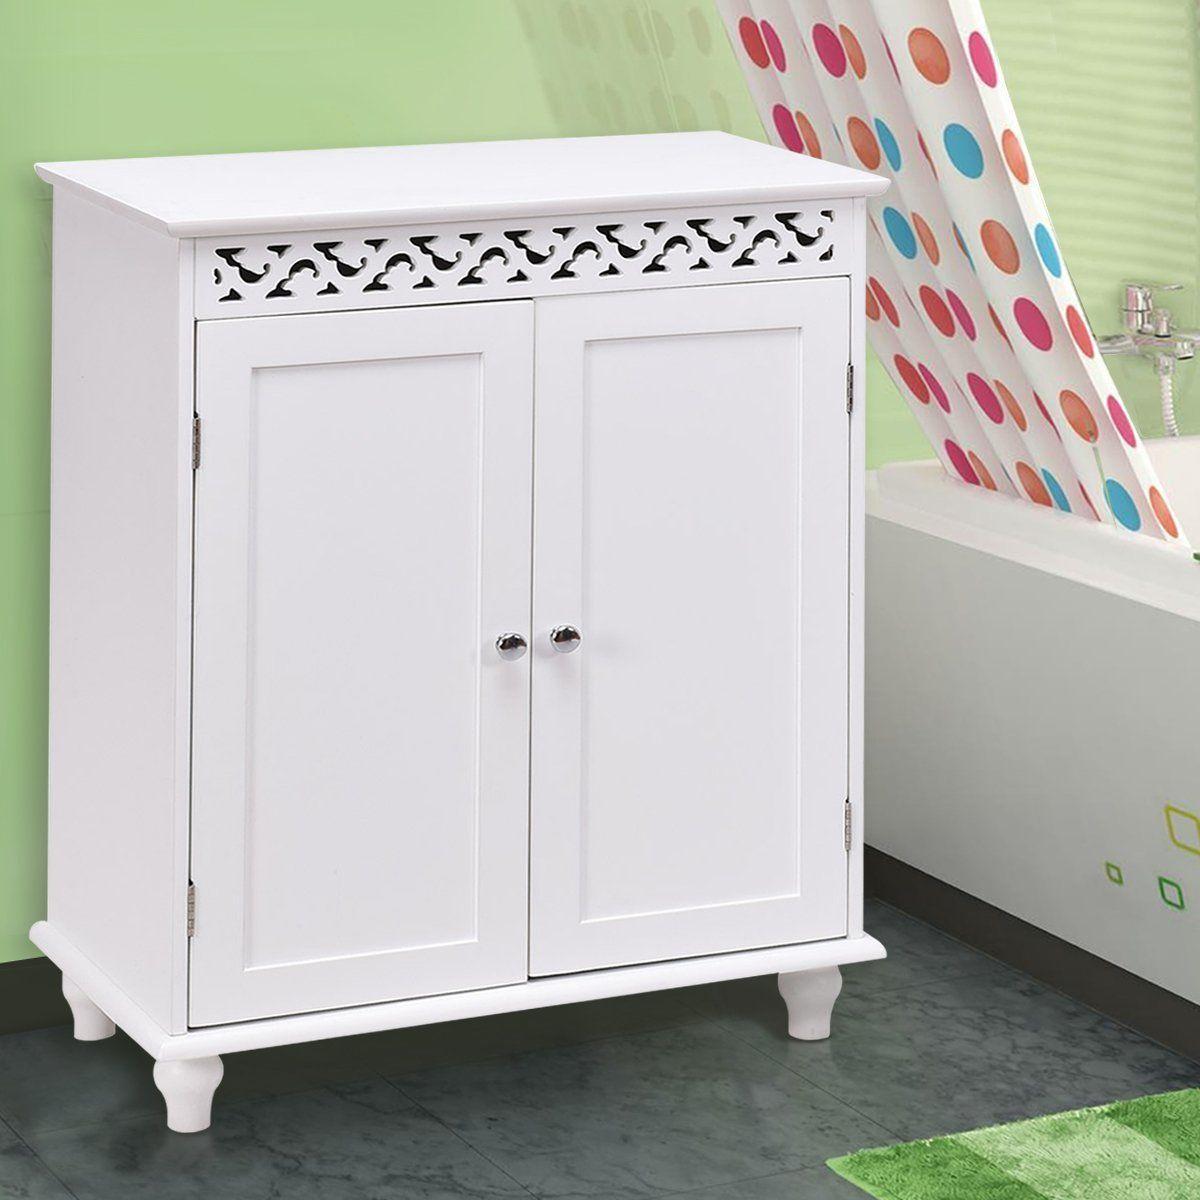 Floor Cabinet White Wooden Free Standing Cupboard Storage Wooden Bathroom Floor Storage Cabinet Shelves